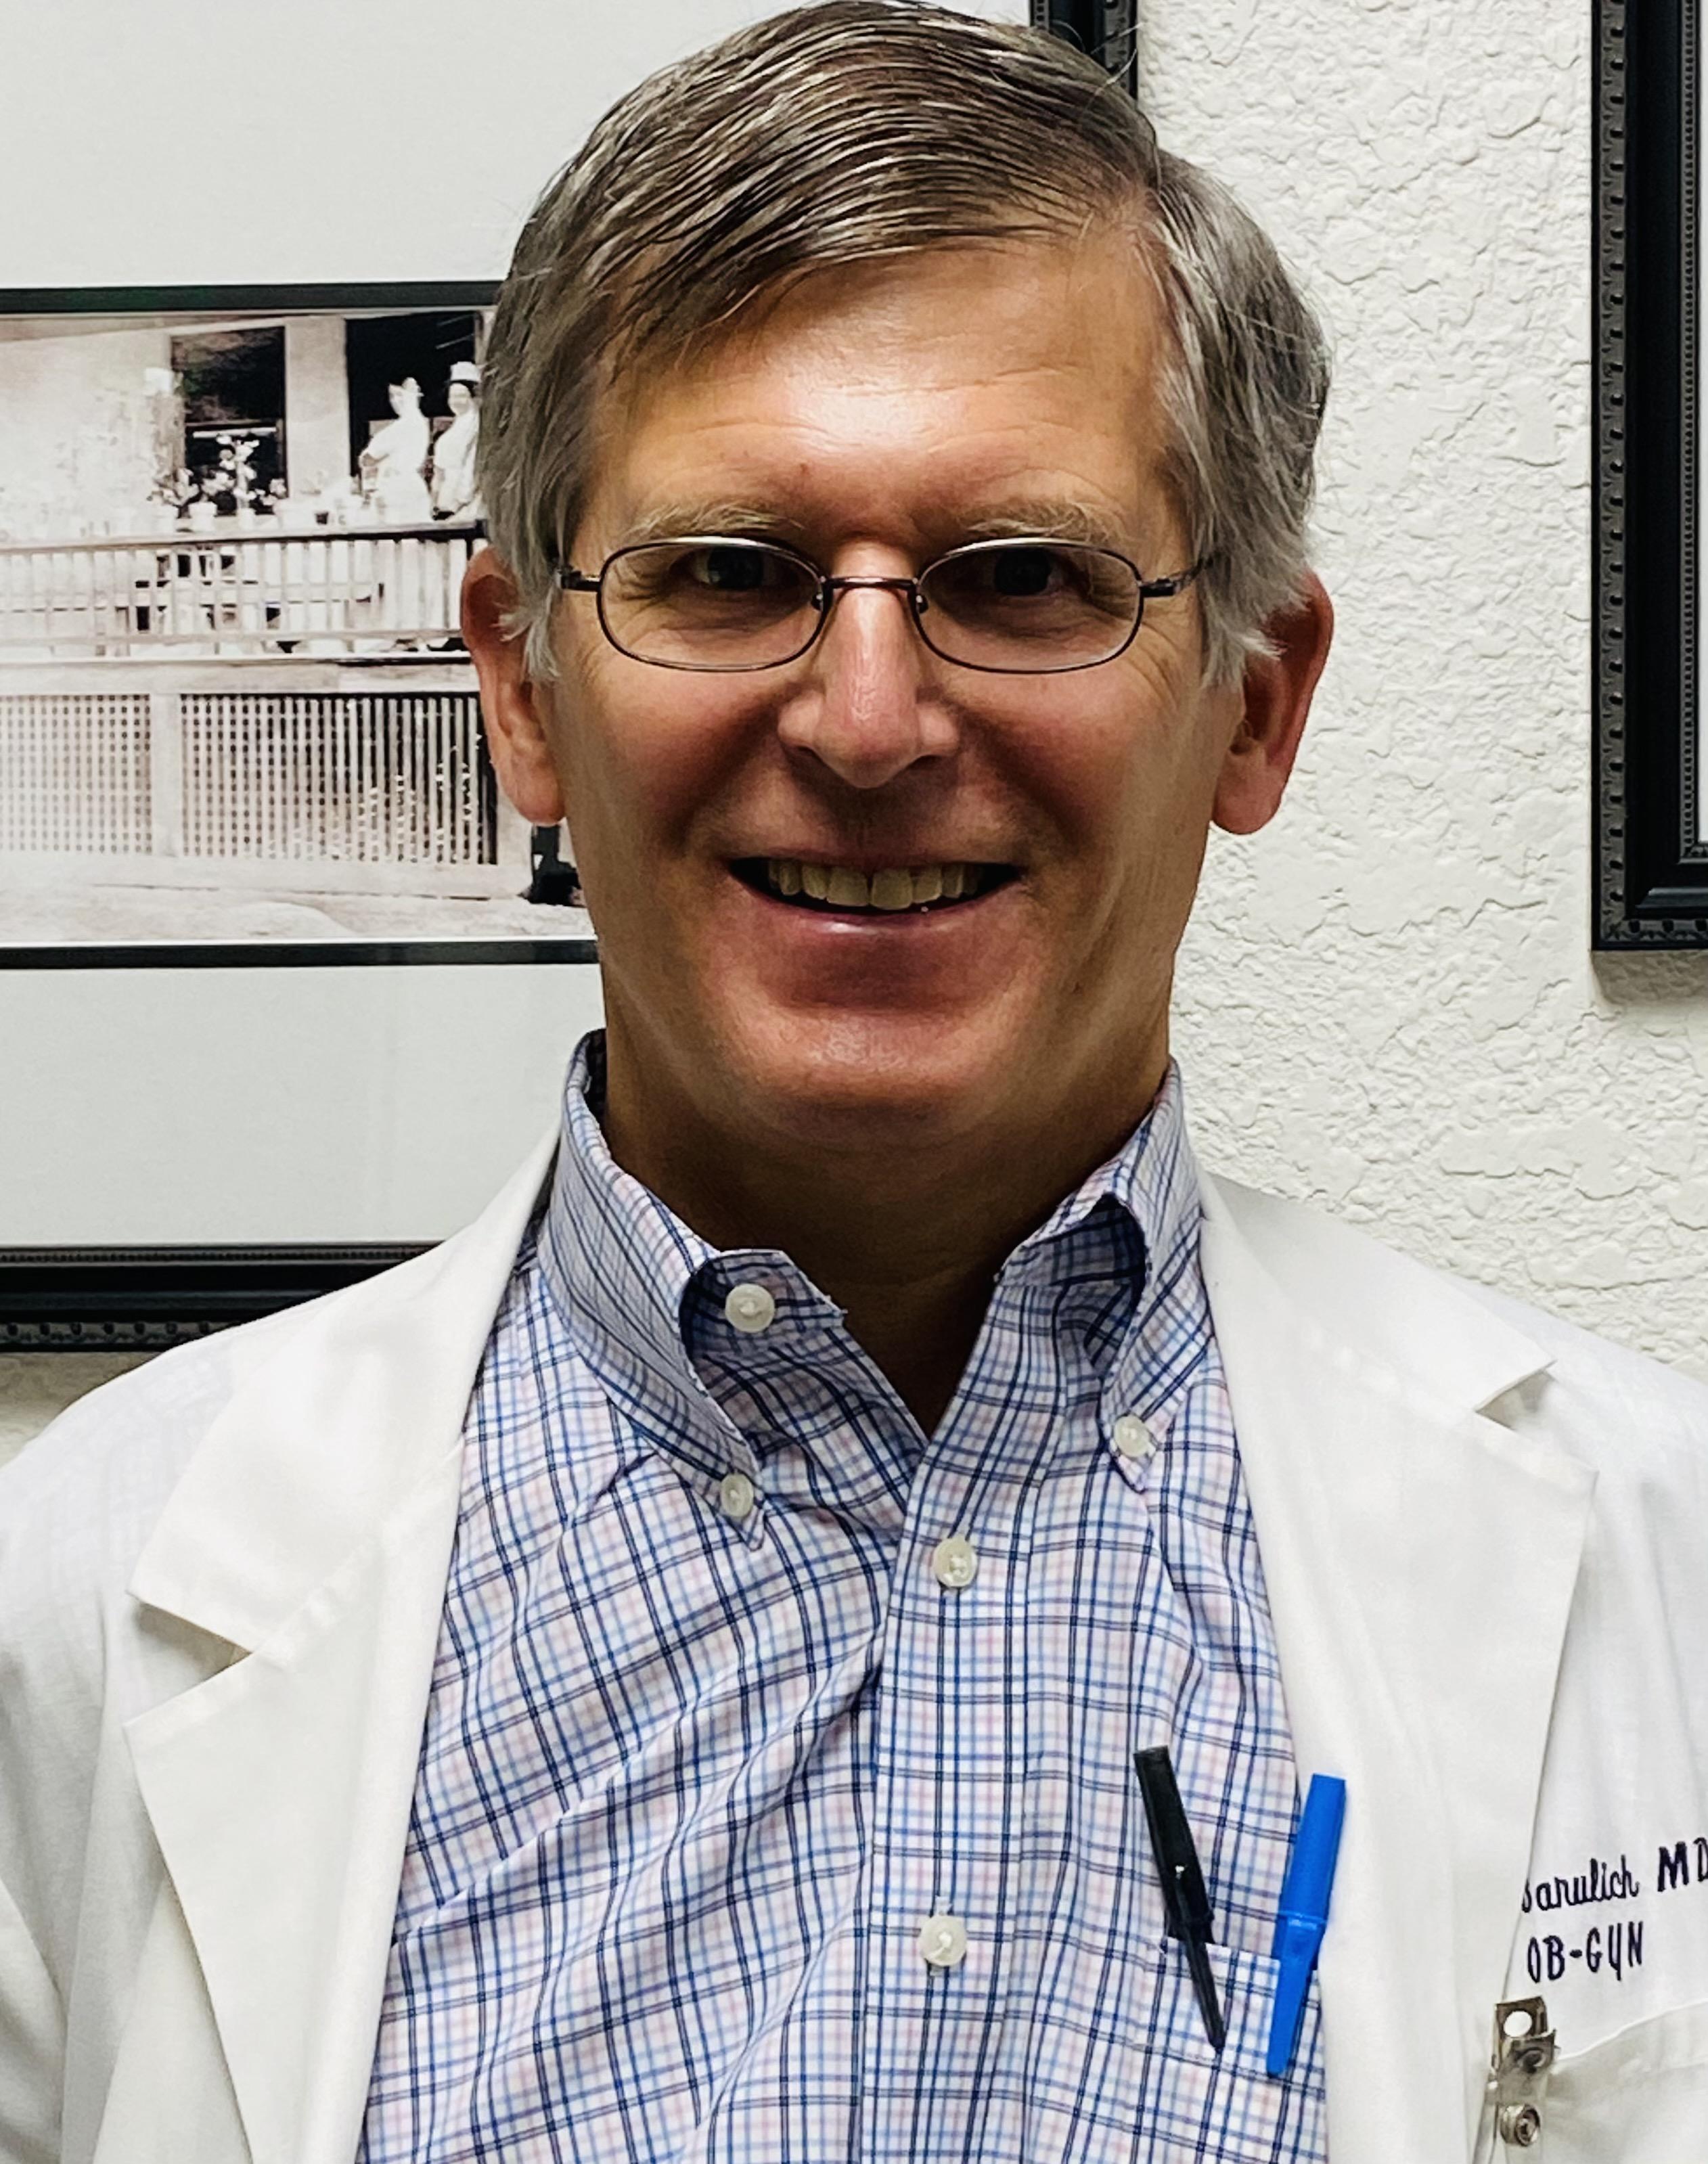 Matthew Barulich, M.D.   OB/GYN